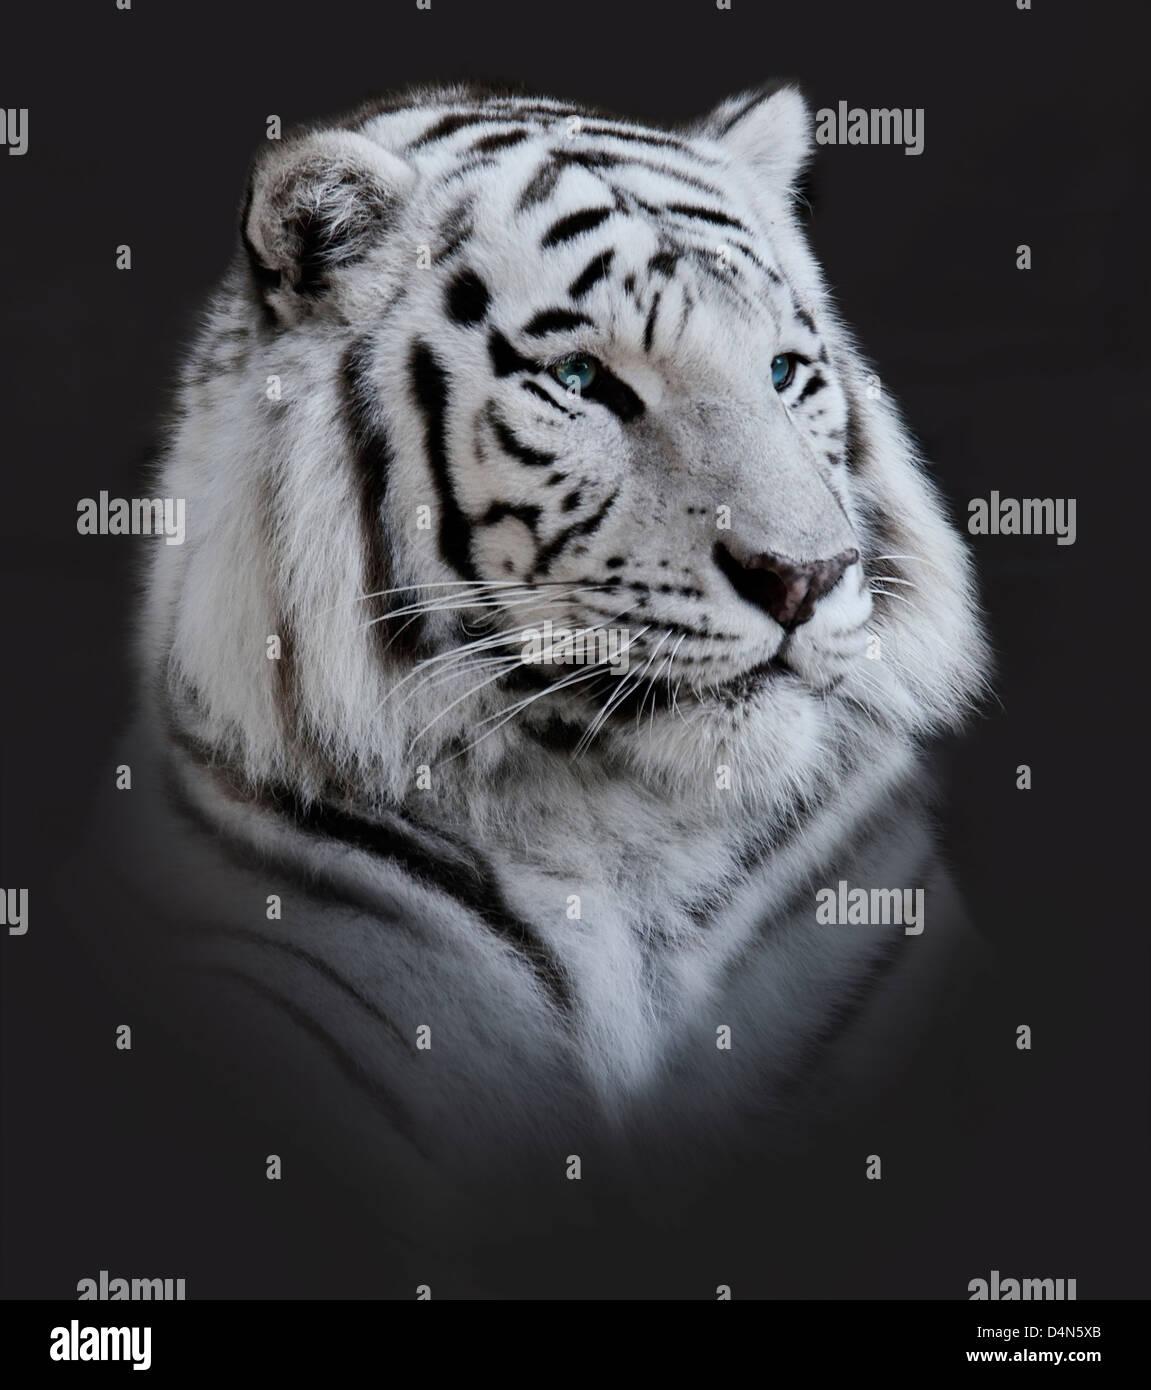 Tigre Blanco retrato sobre fondo oscuro Imagen De Stock